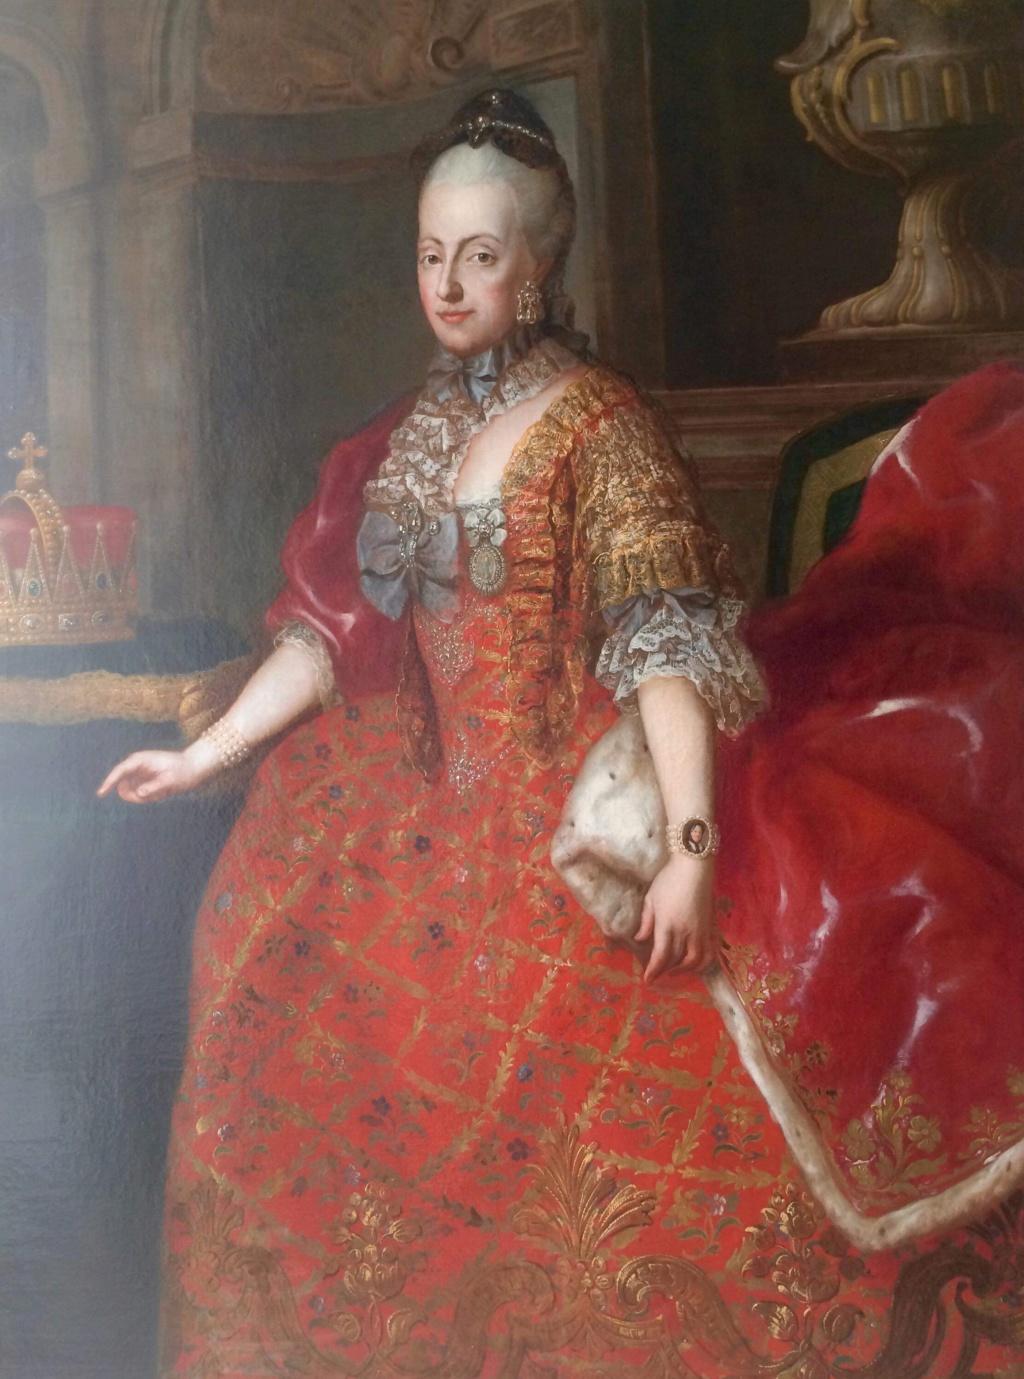 En visite à Prague pour l'impératrice Marie-Thérèse, l'empereur Joseph II, Marie-Thérèse Charlotte de France, le roi français Charles X et la famille française Rohan-Guémen,president France E. Macron. - Page 20 Img_1621